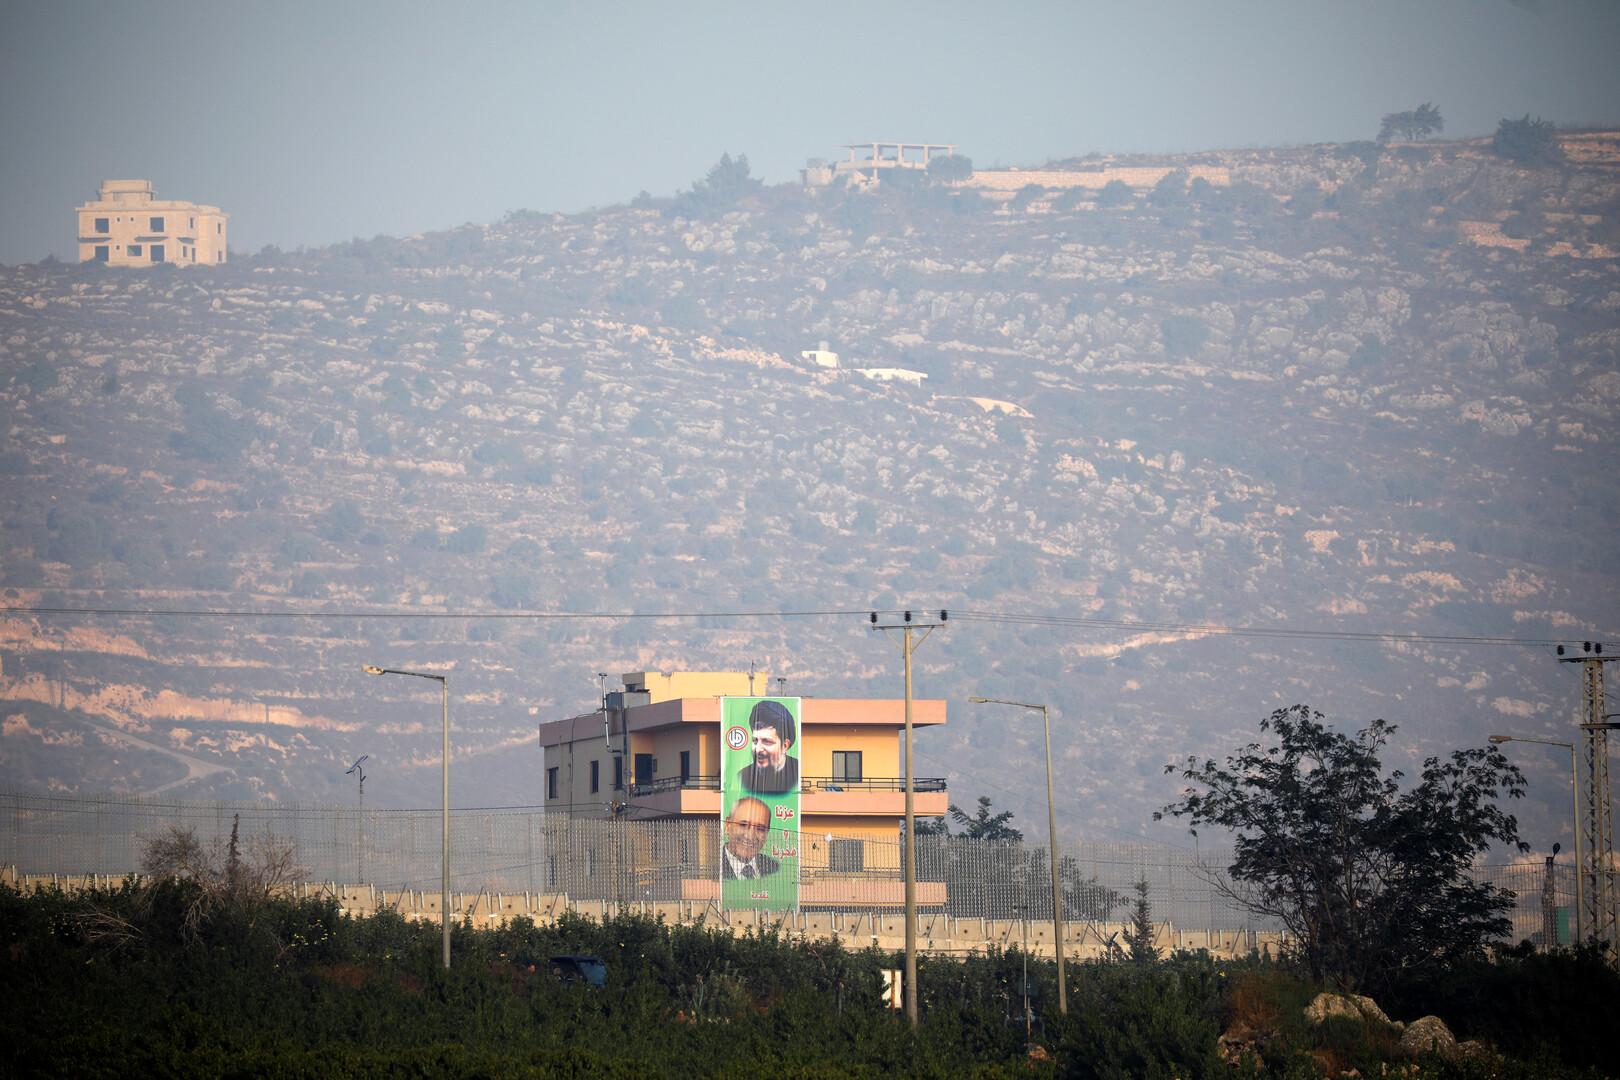 تقارير لبنانية: وساطة روسية منعت الحرب بين إسرائيل و